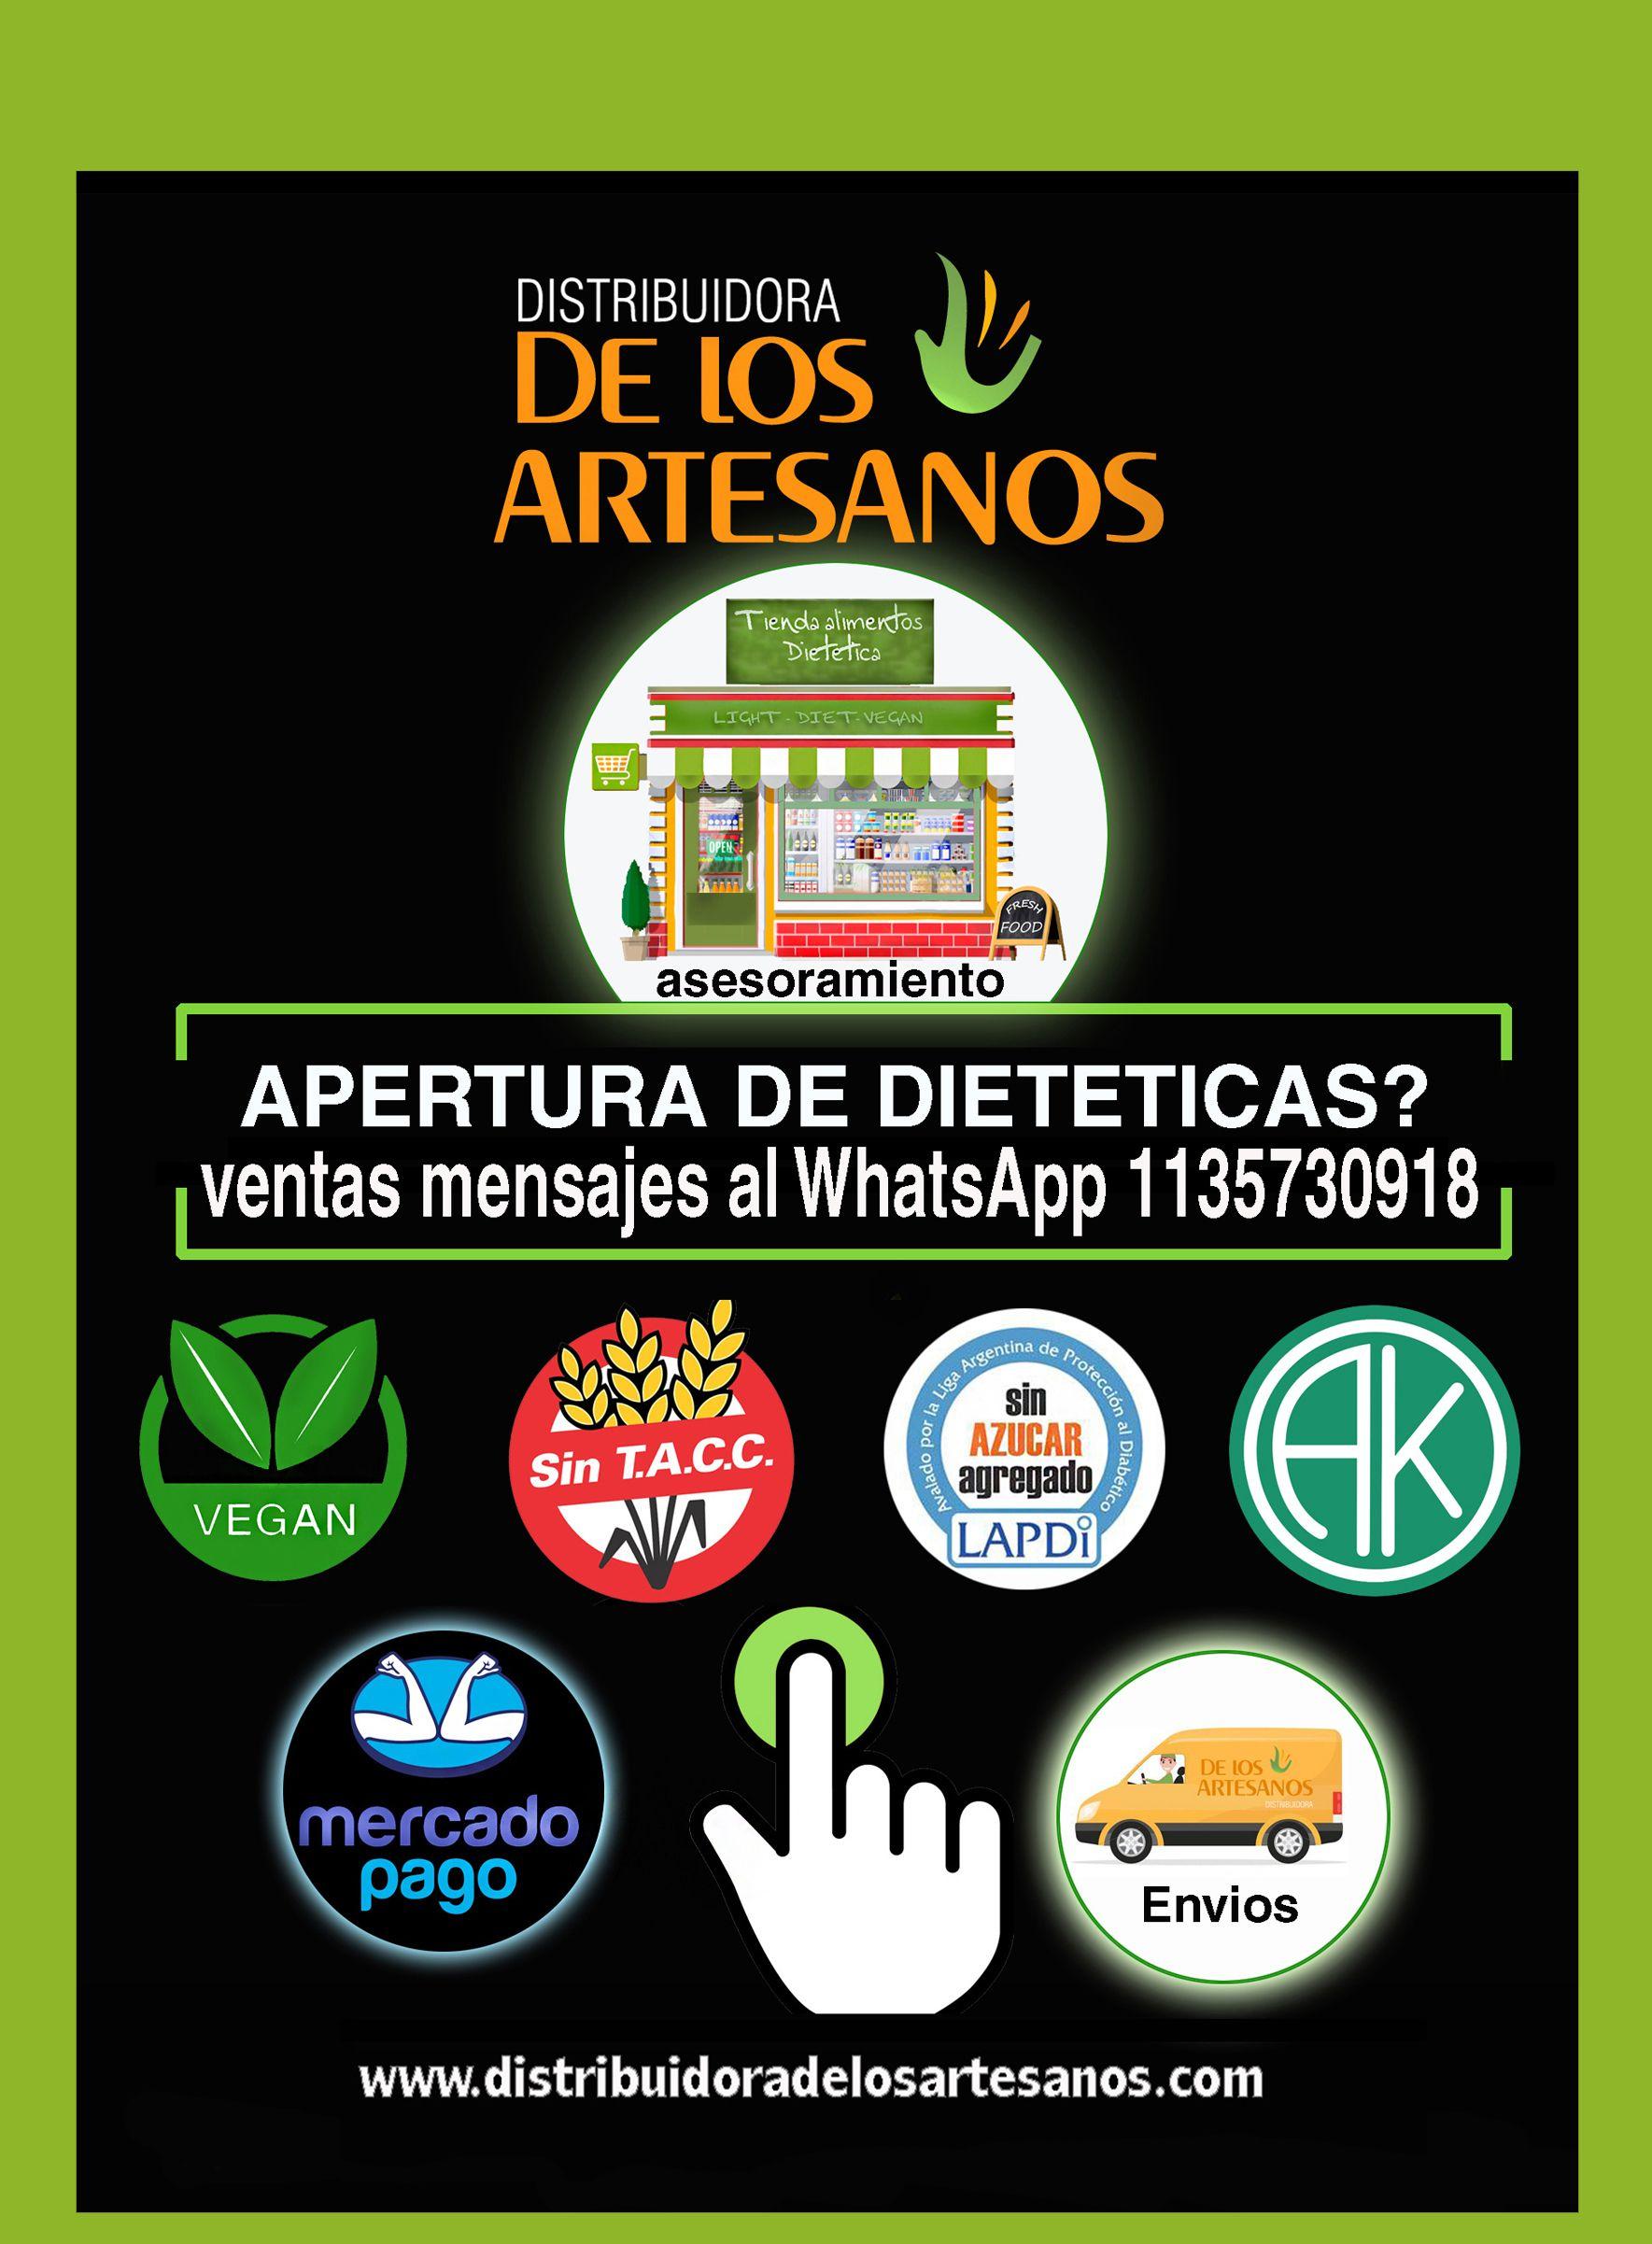 Celiacos Veganos Sugar Free Toda La Linea Al Por Mayor Envios A Todo El Pais Artesanos Distribuidor Tienda Natural